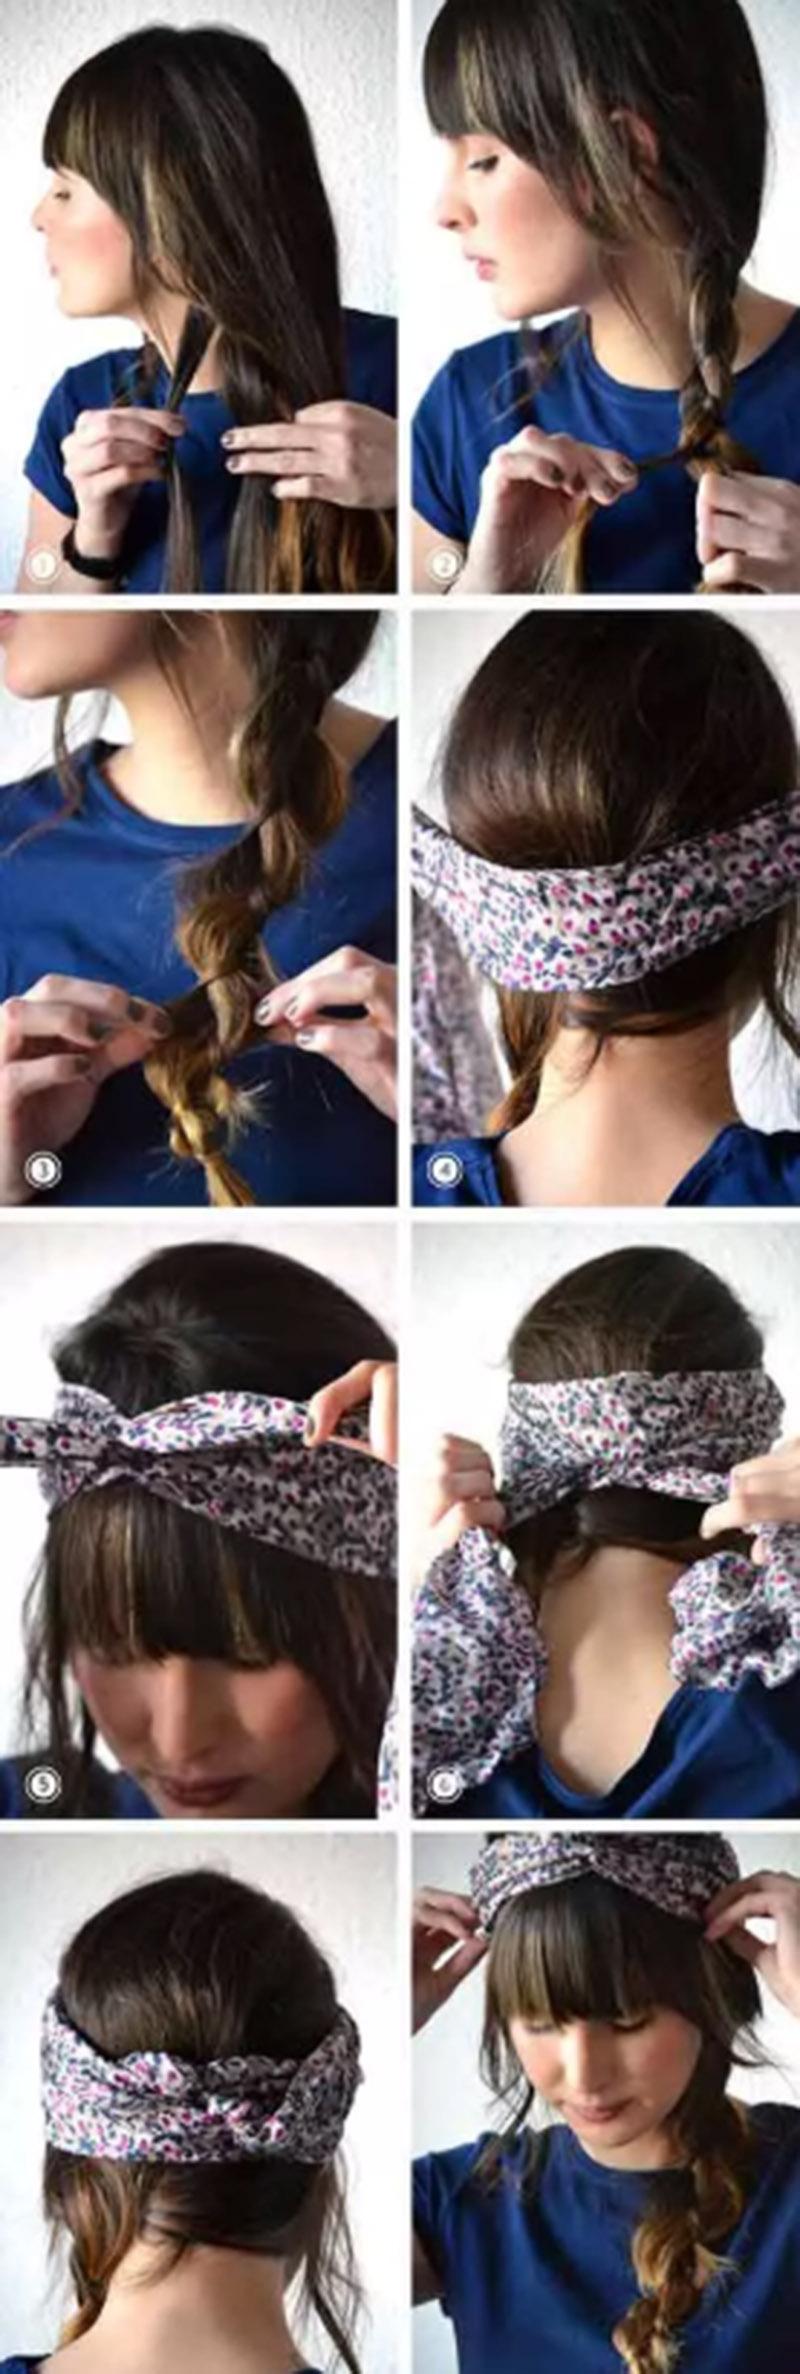 Kiểu tóc tết đơn giản kết hợp với khăn vải